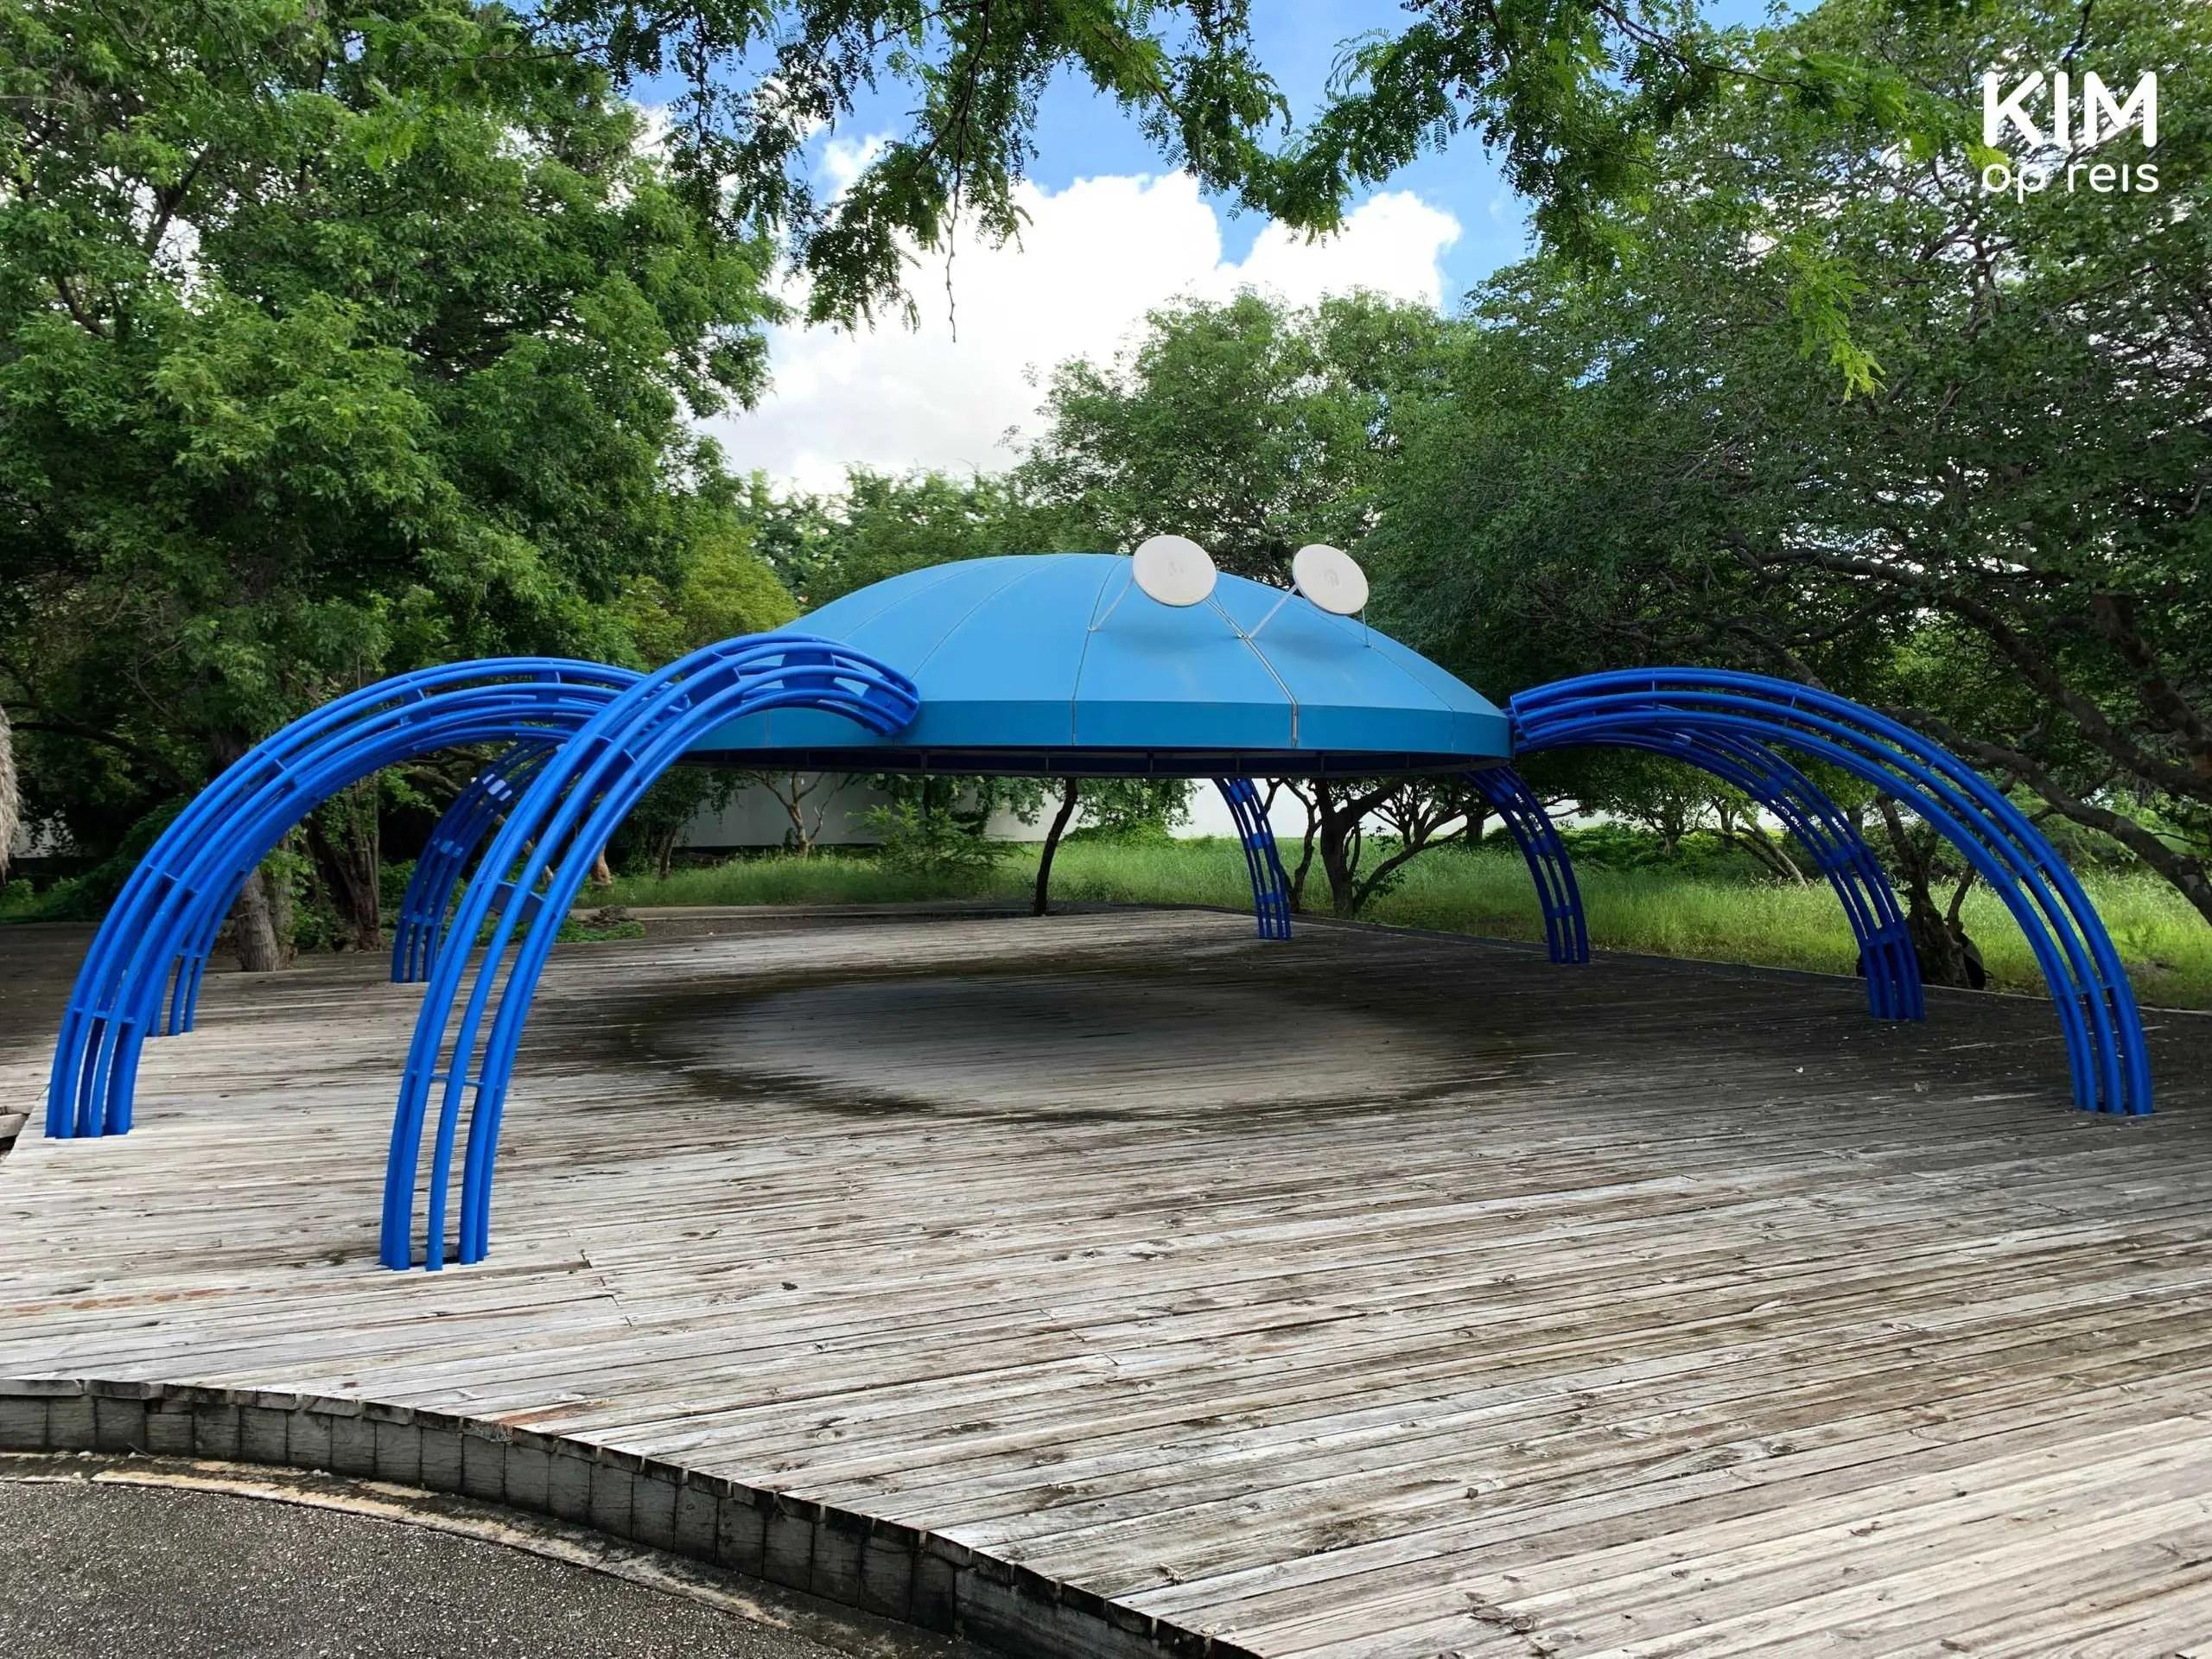 Curaçaosch Museum museumtuin Willemstad: kunstwerk in de tuin, enorme blauwe spin